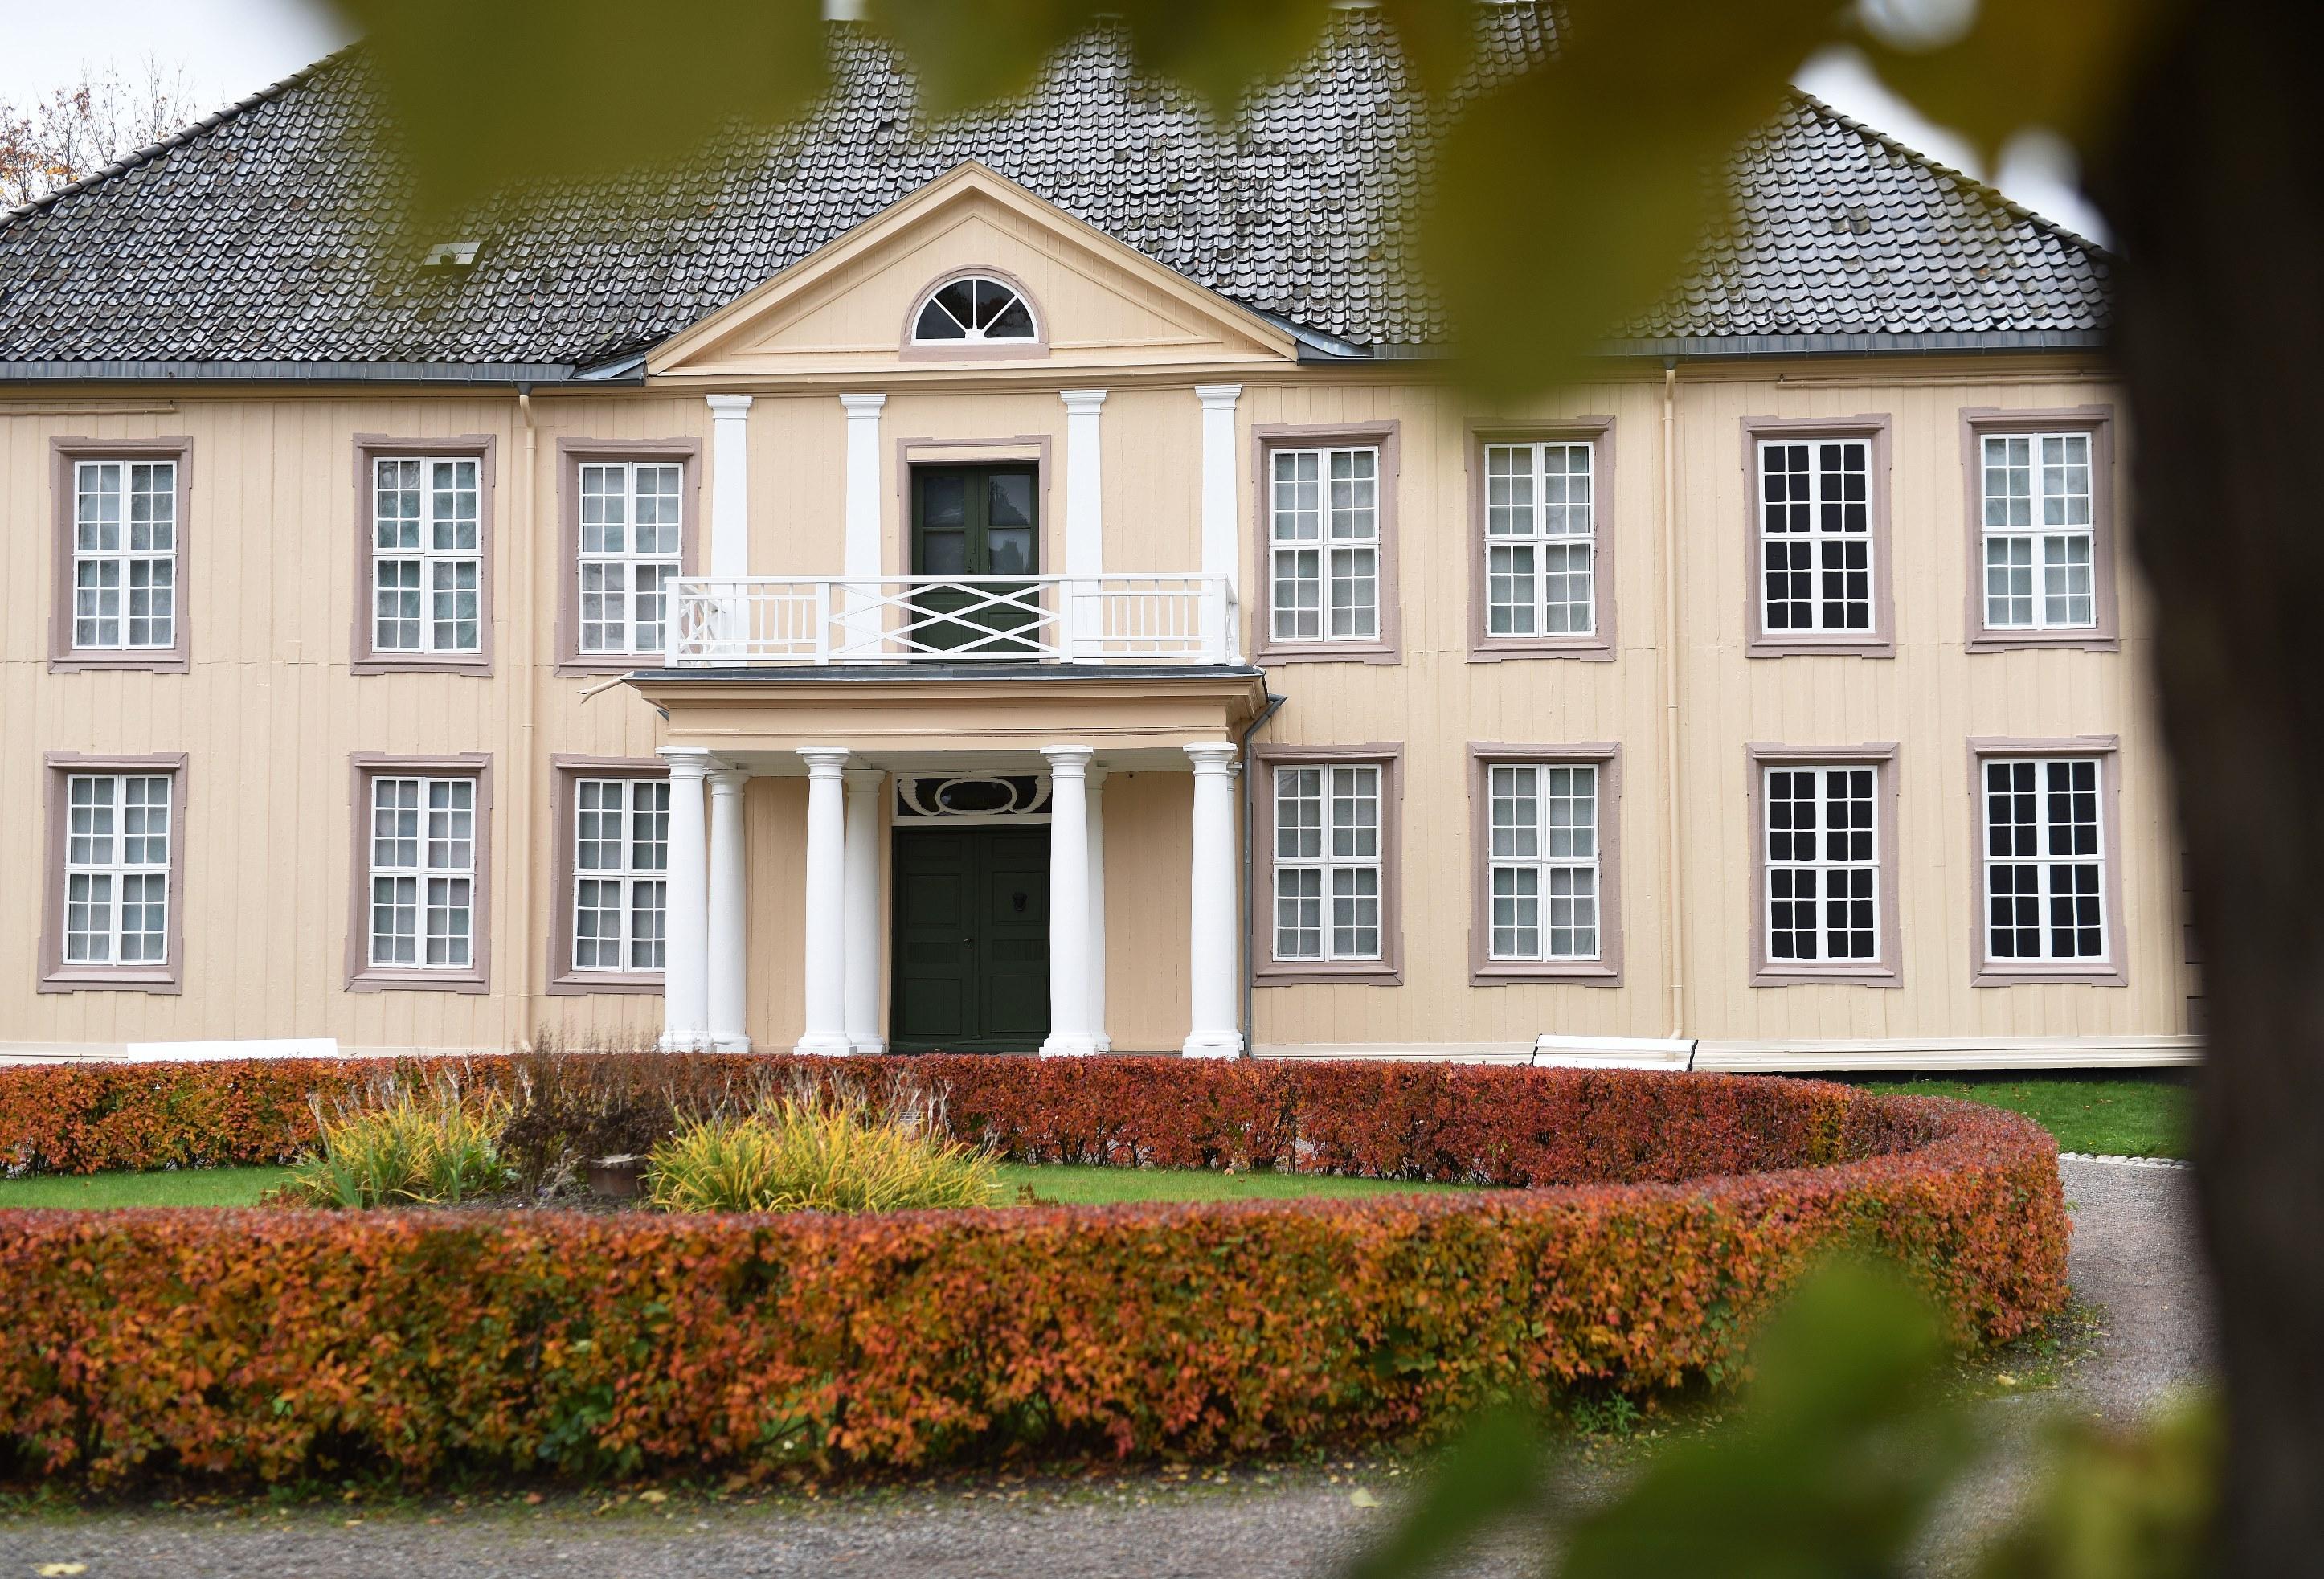 SØNDRE BREKKE: Herregården i Skien har huset mange fine familier, blant dem familien Niels Aall på begynnelsen av 1800-tallet. FOTO: Bjørn Harry Schønhaug